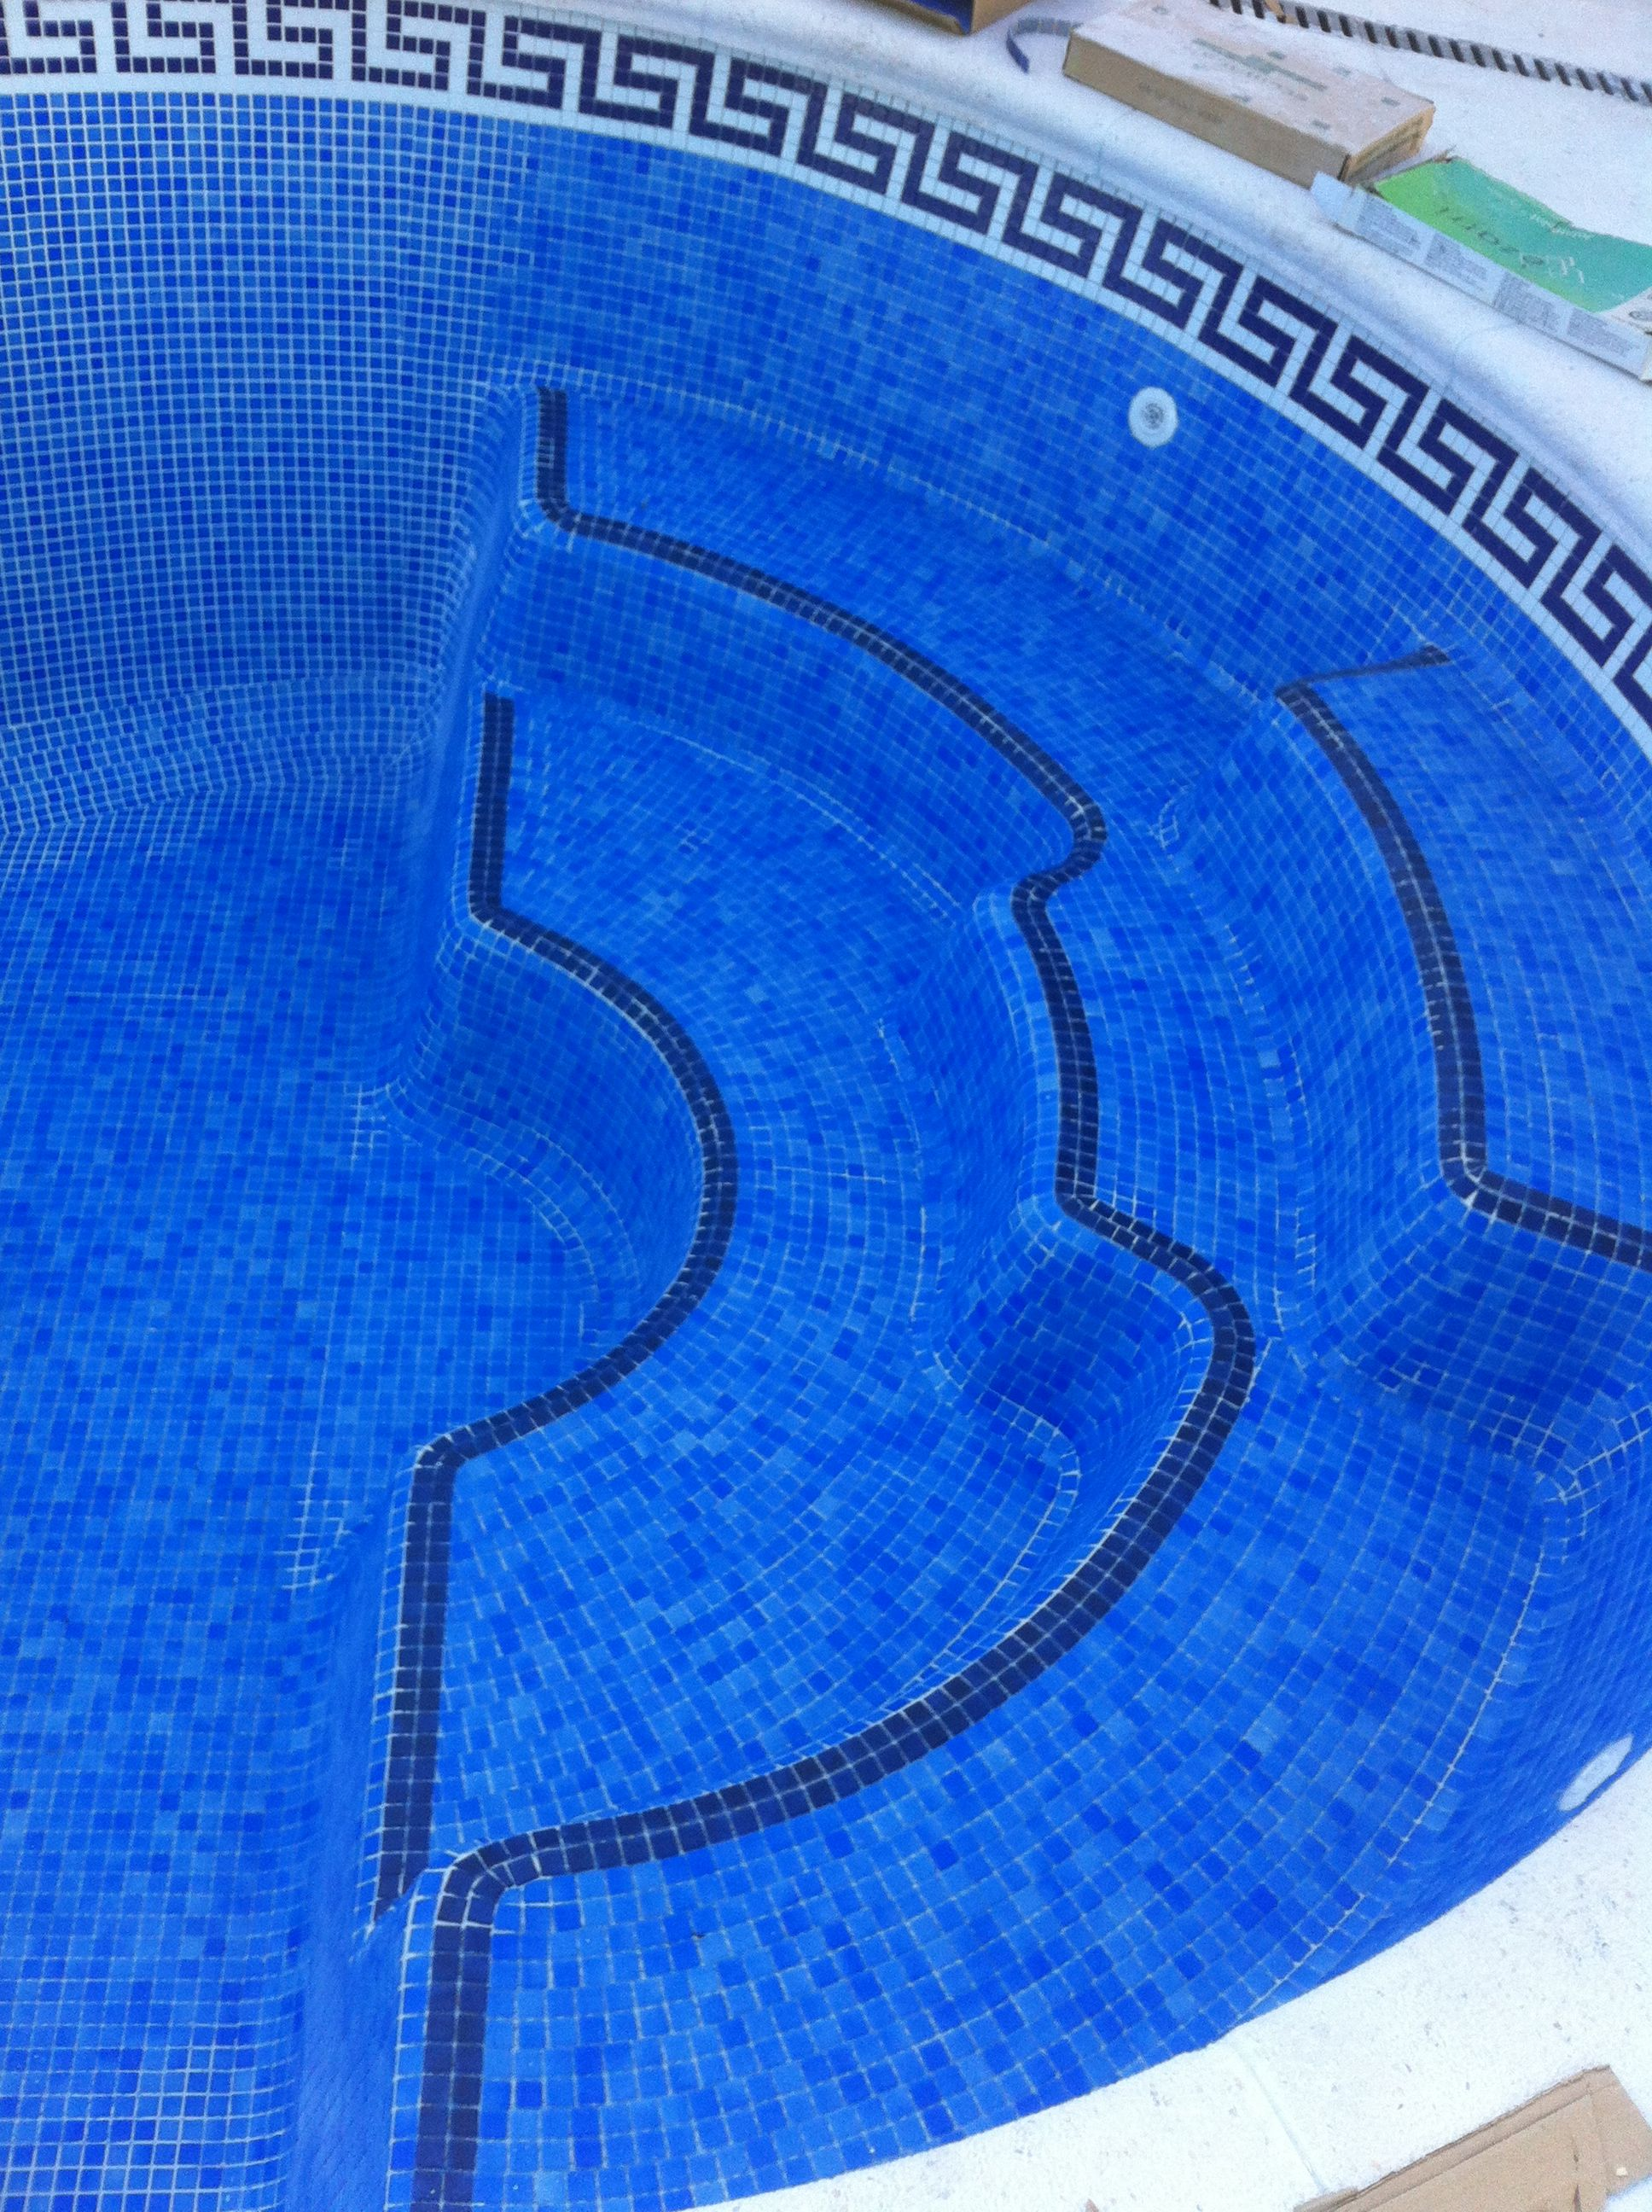 Piscinas de poliester con gresite piscinas de poli ster for Gresite piscinas colores